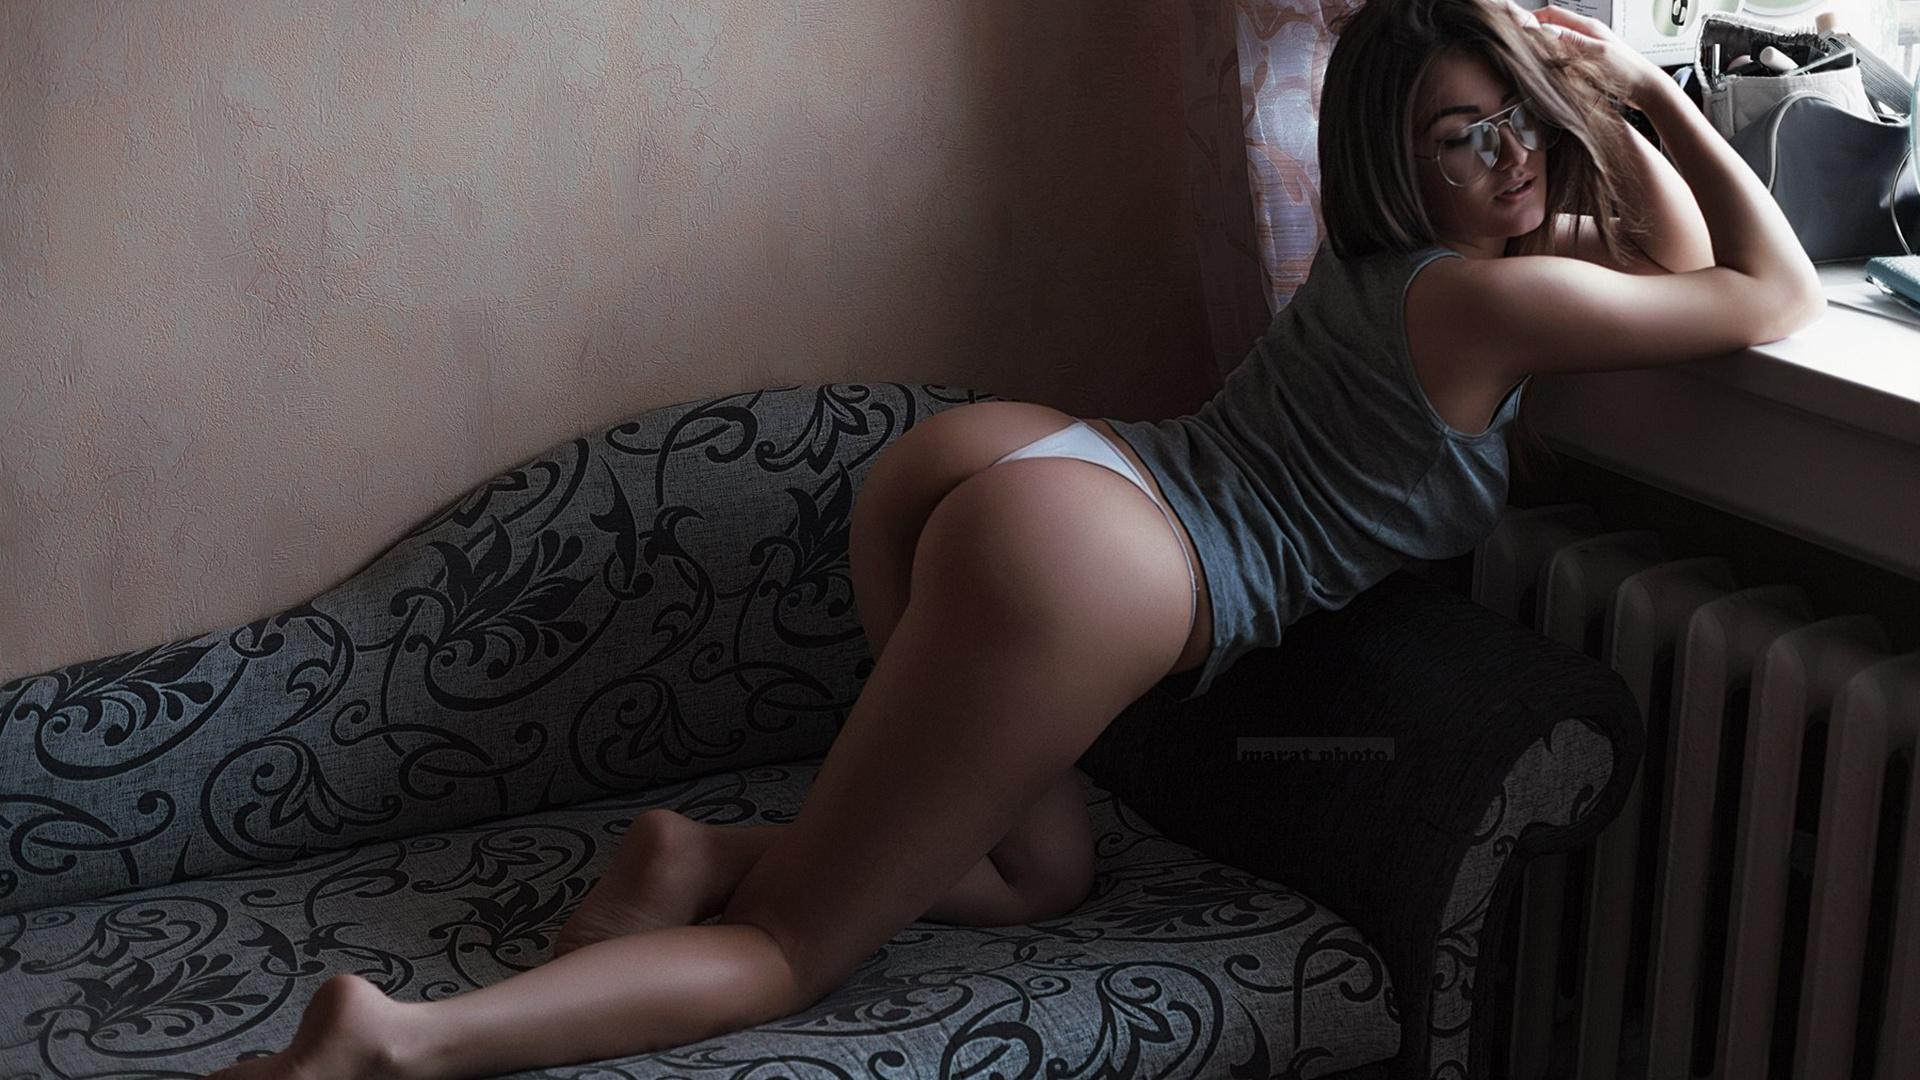 фото сексуальных женщин дома забыли